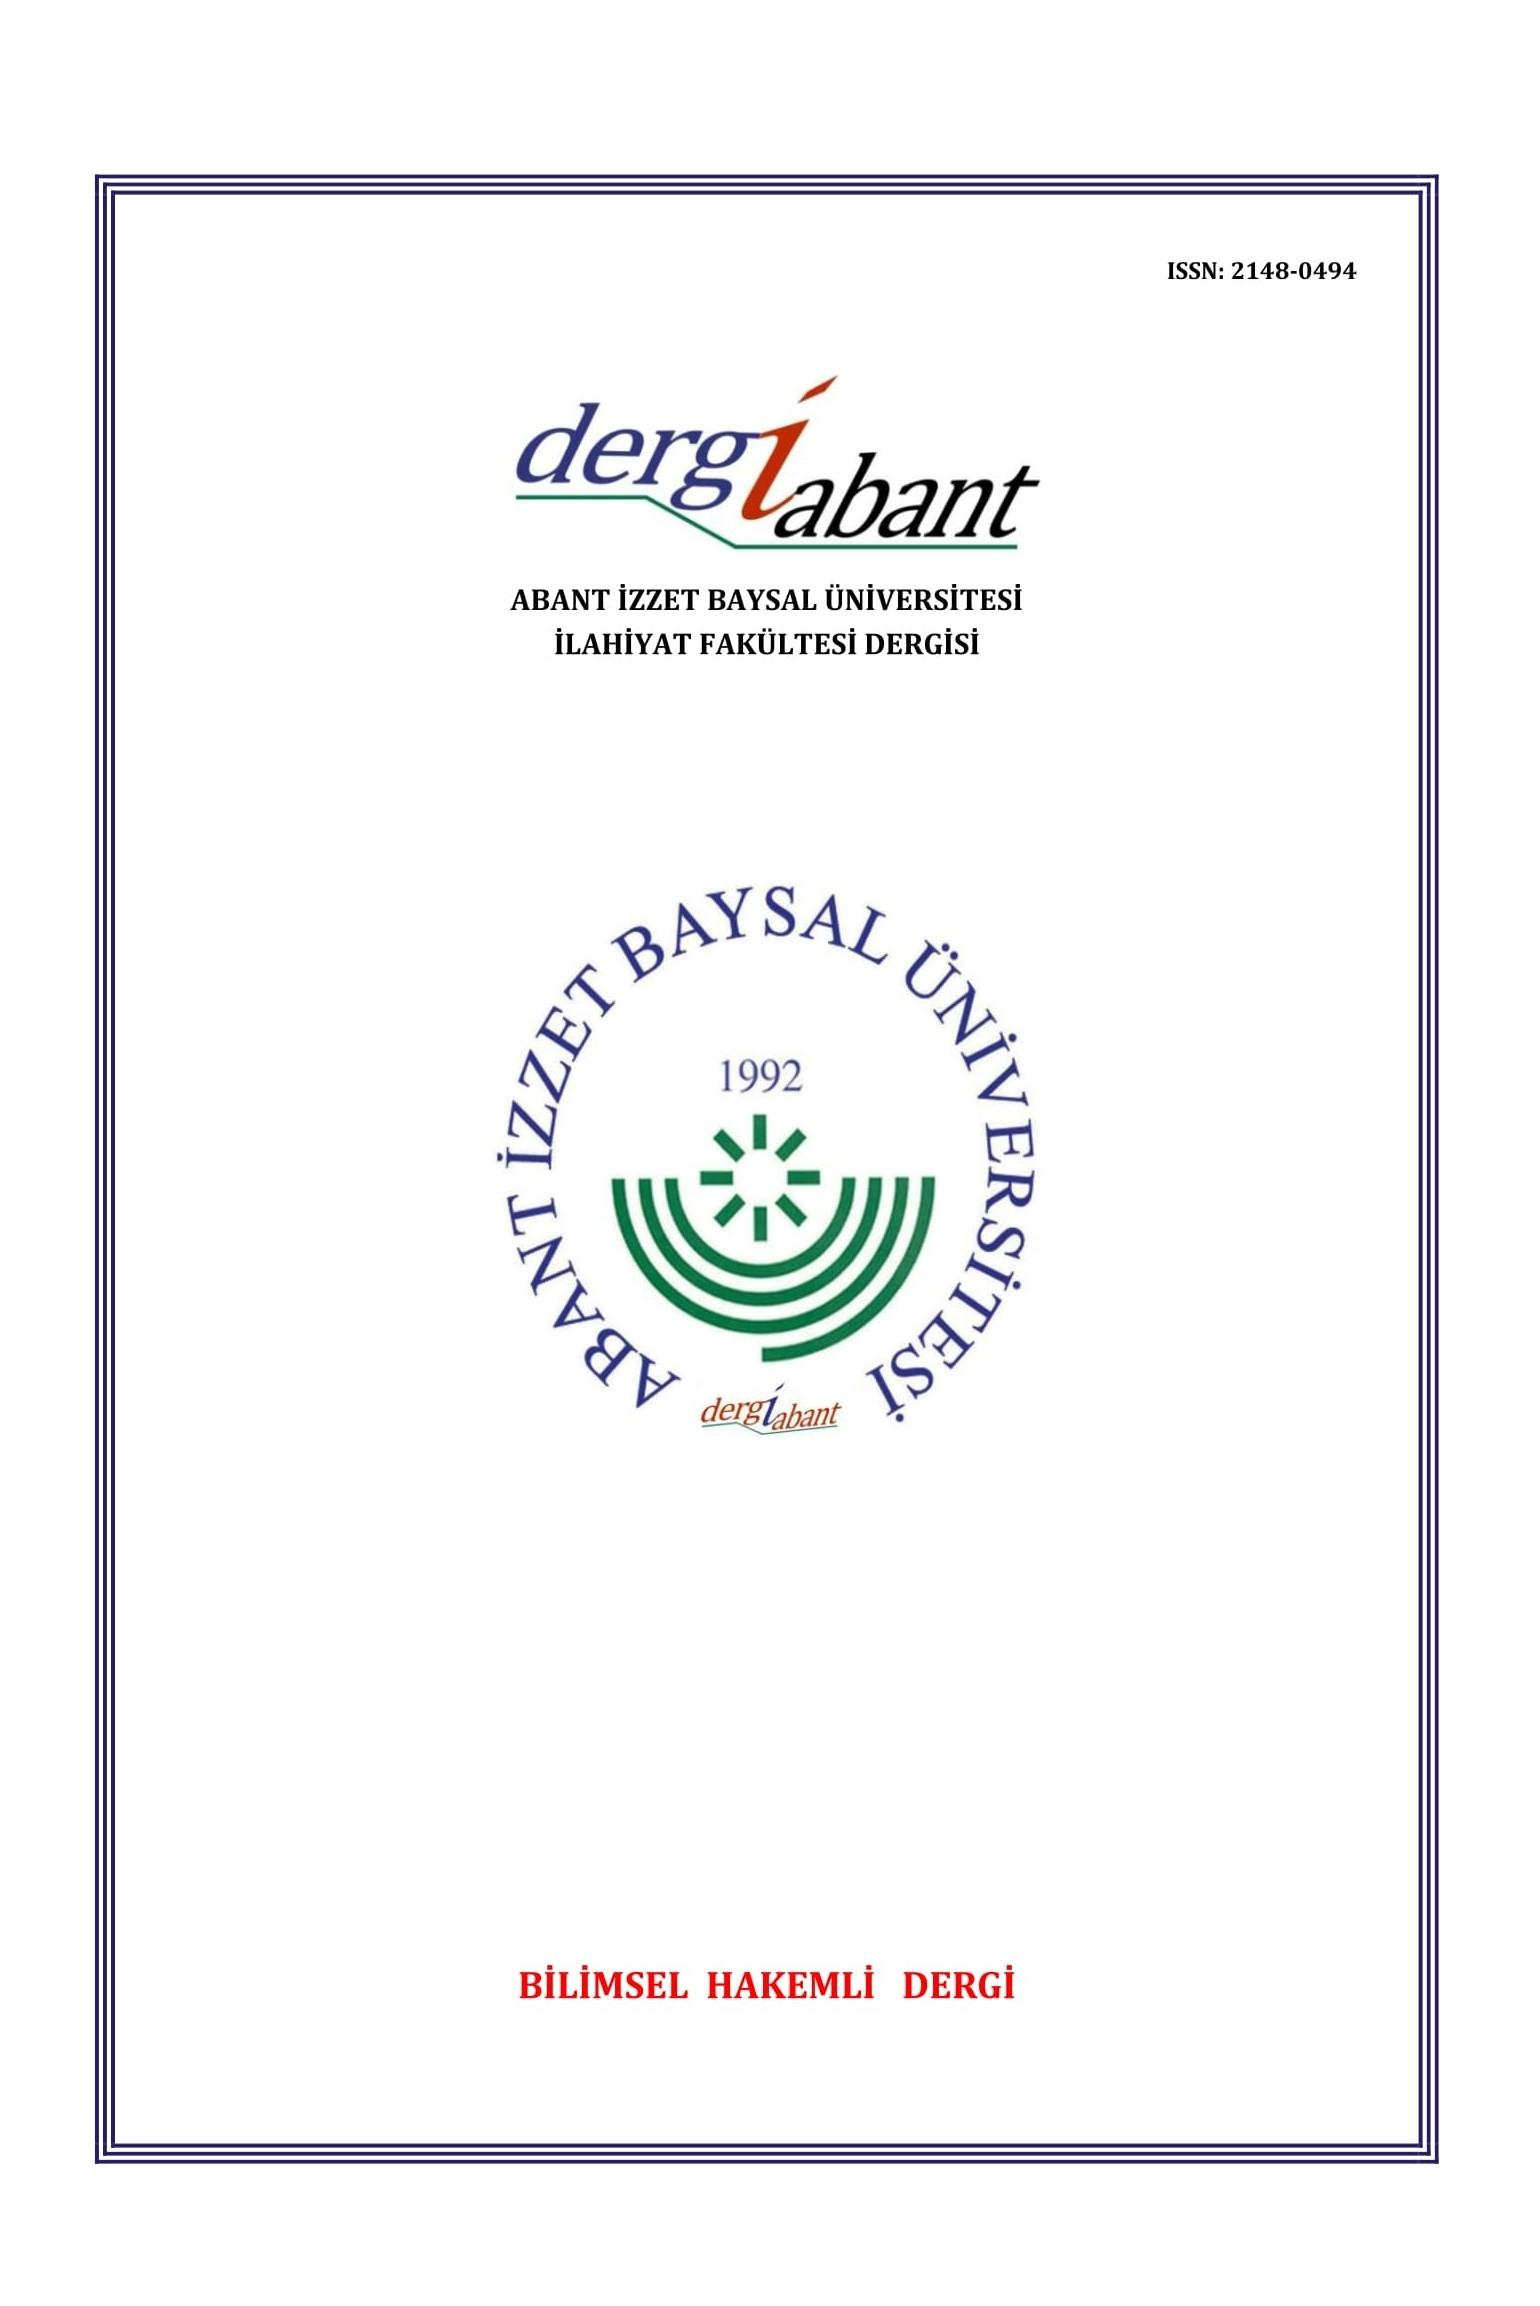 Abant İzzet Baysal Üniversitesi İlahiyat Fakültesi Dergisi